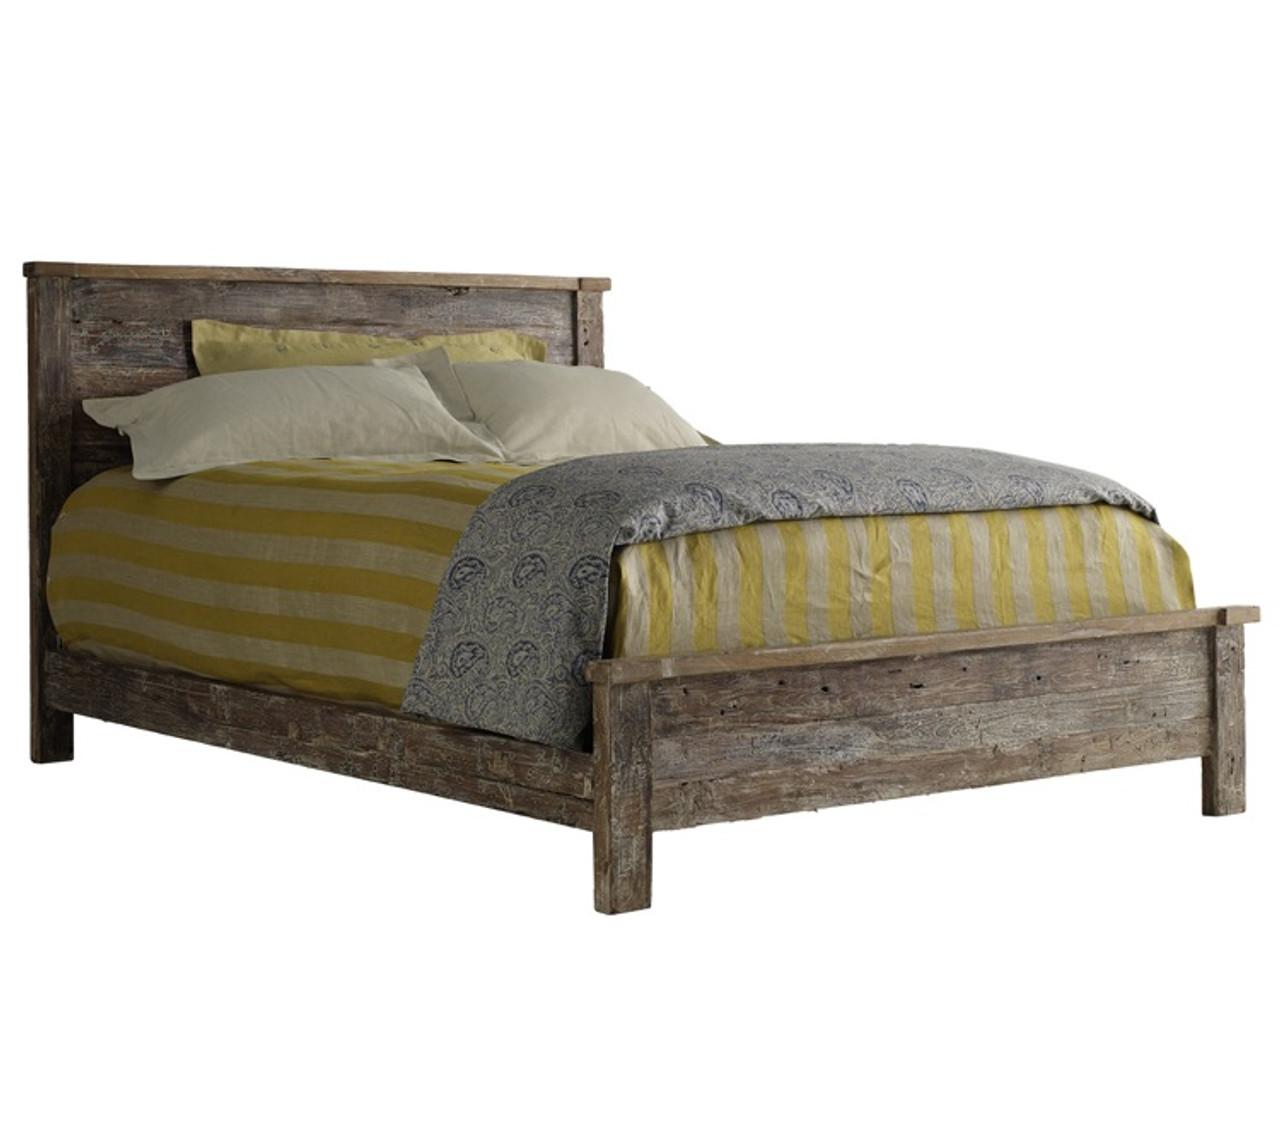 Rustic Wood King Bed Part - 42: Hampton Rustic Teak Wood California King Bed Frame